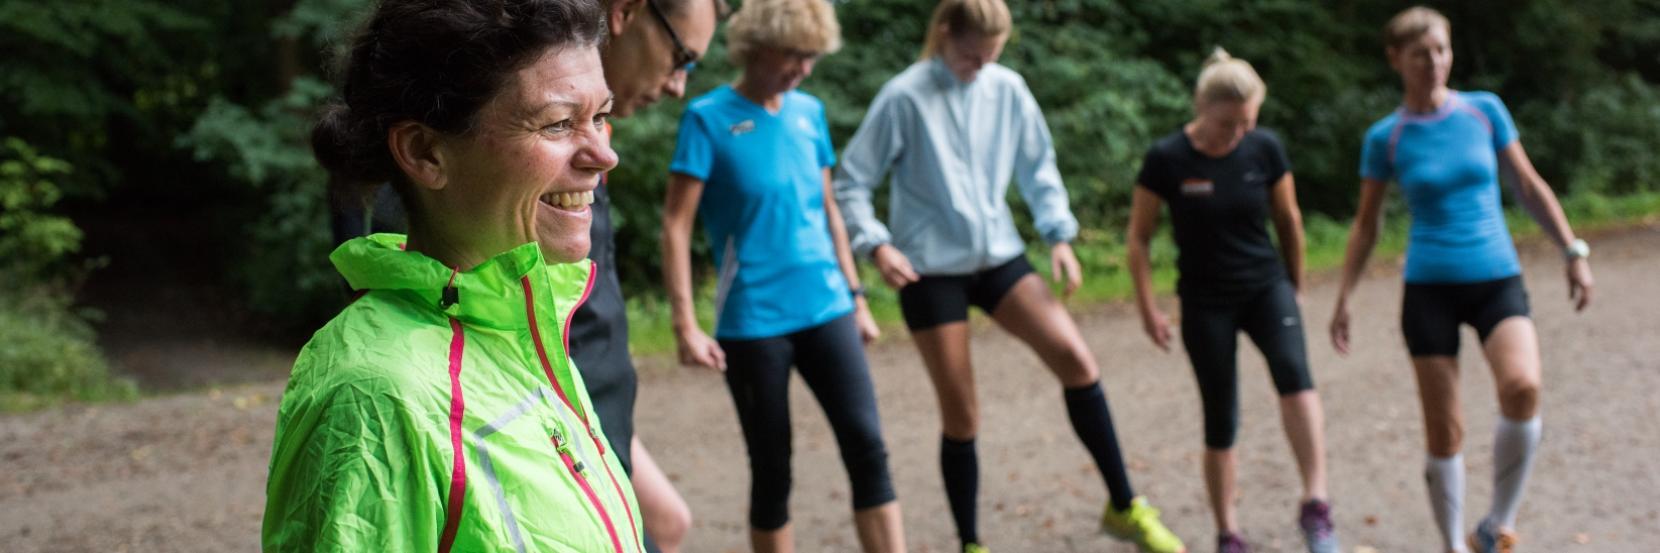 Løbere fra SNIK løbeklub